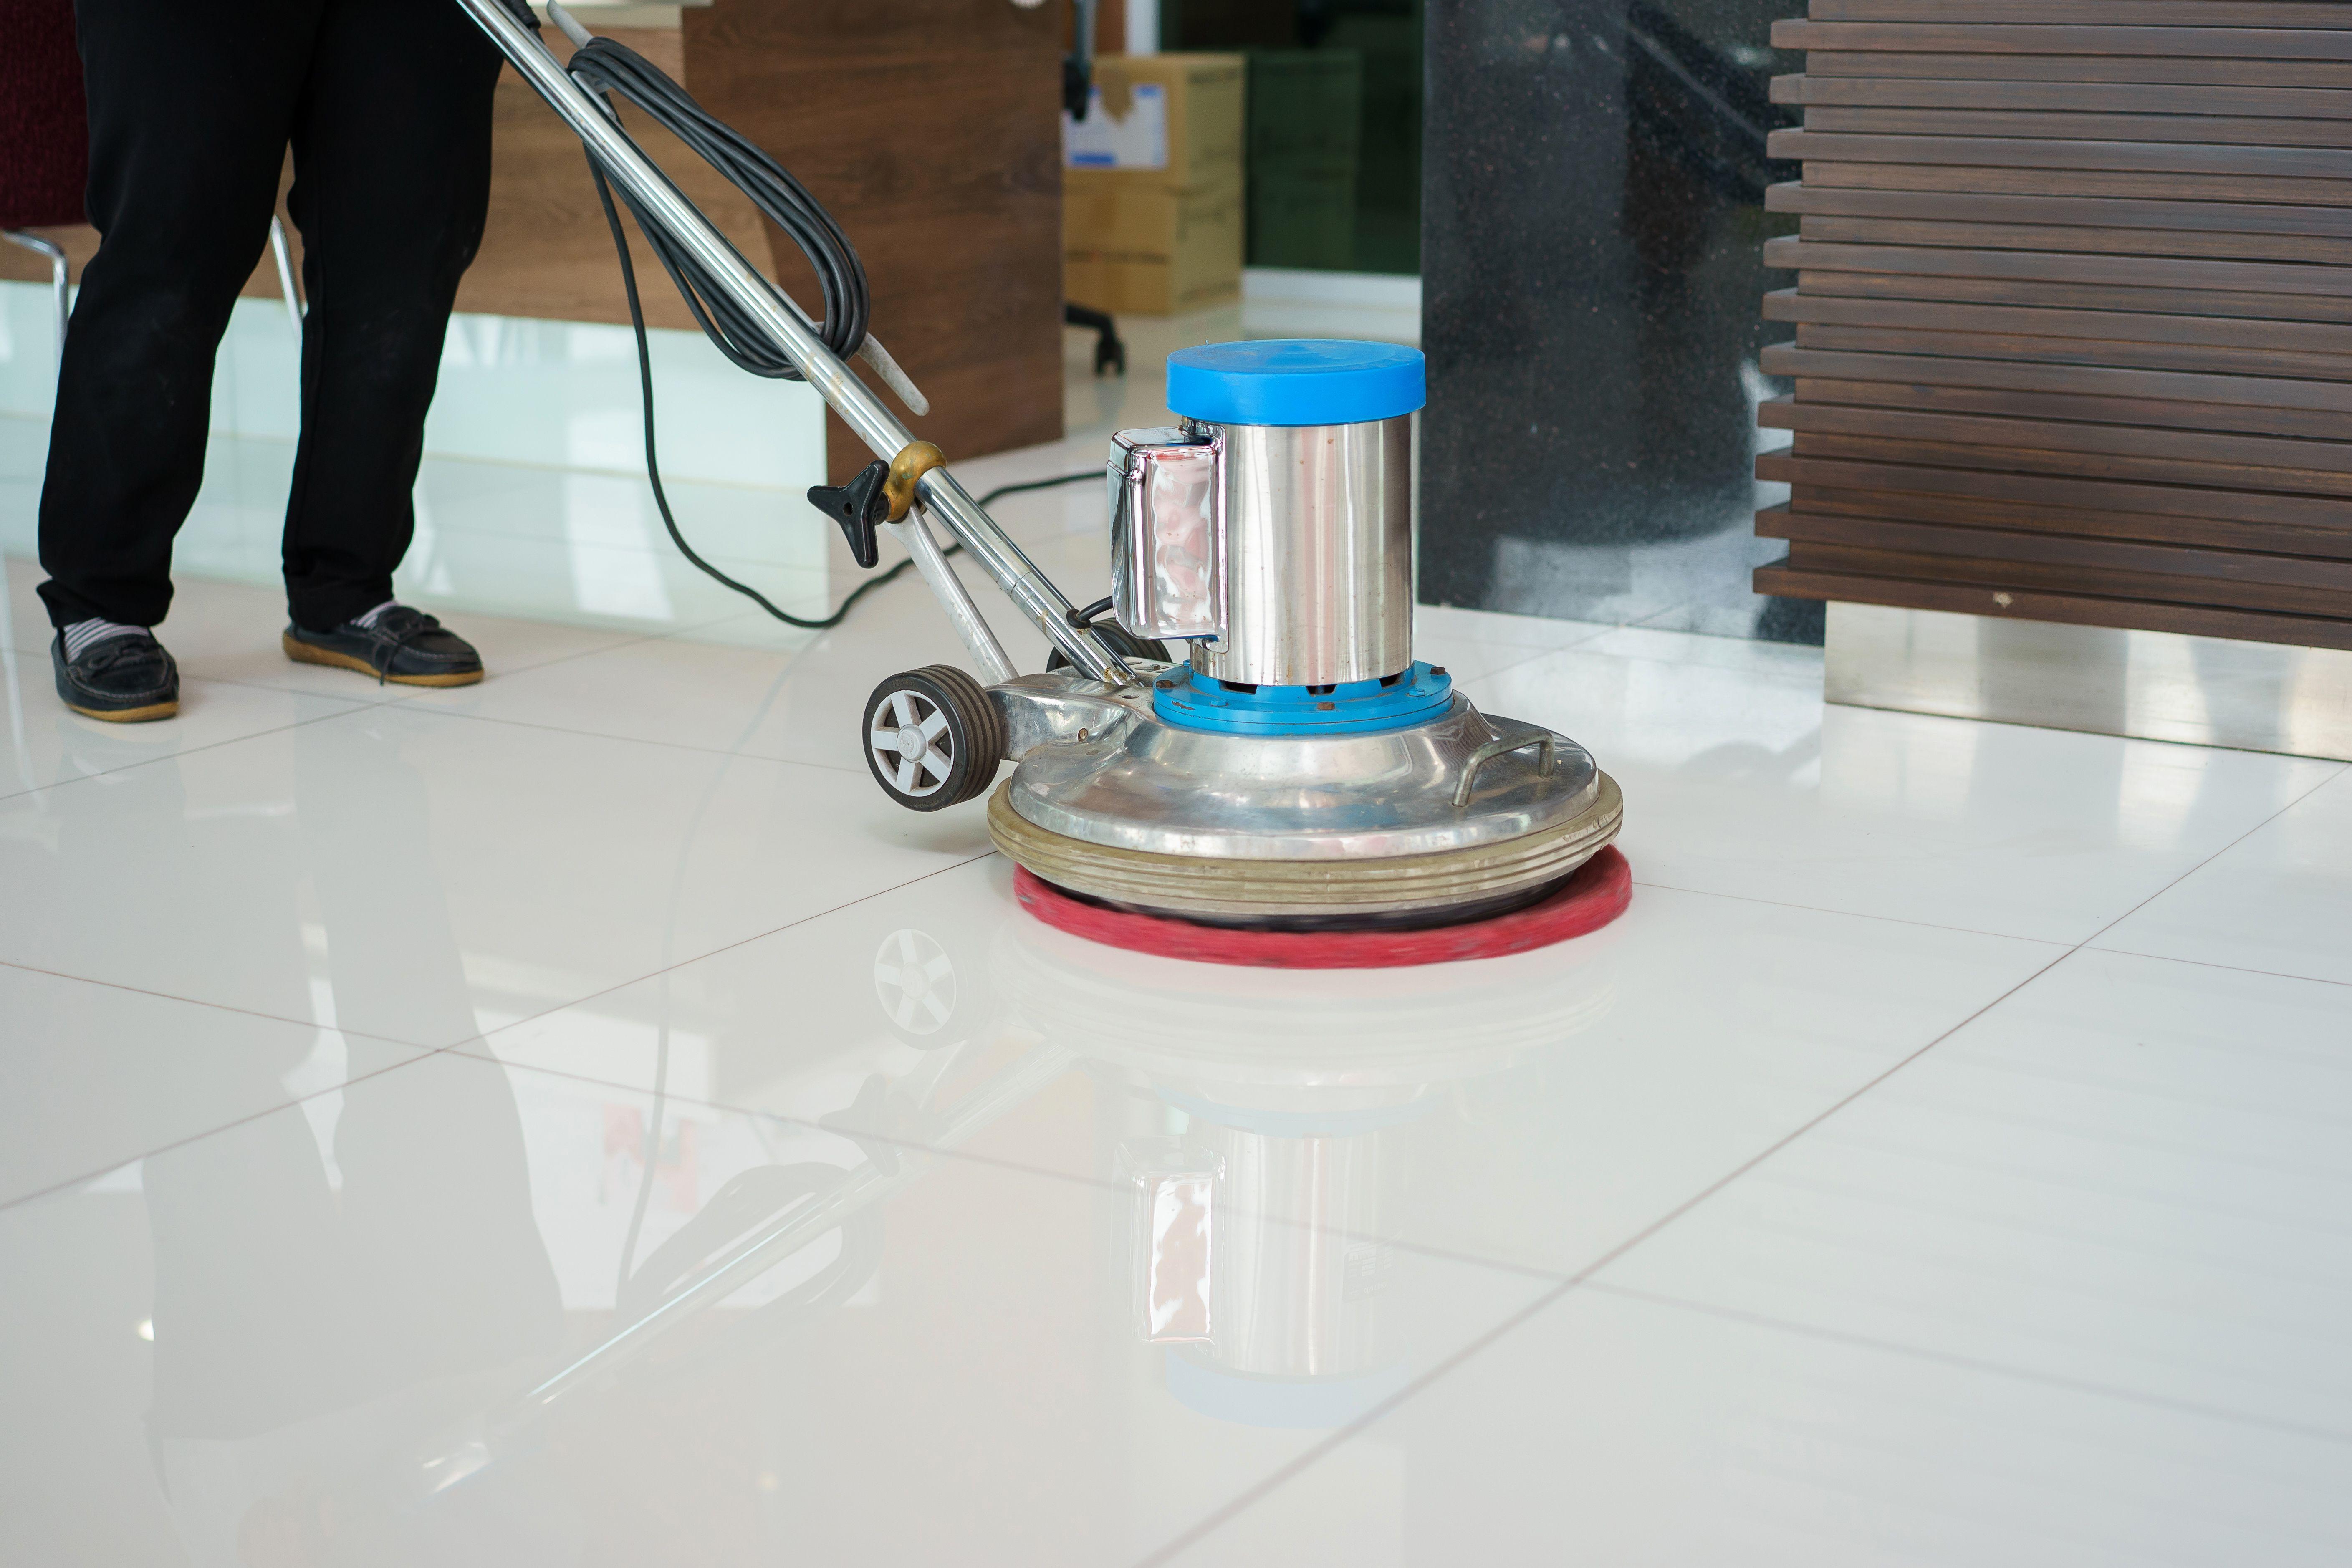 Locales comerciales: Limpieza y mantenimientos de LDC Limpiezas de Celis